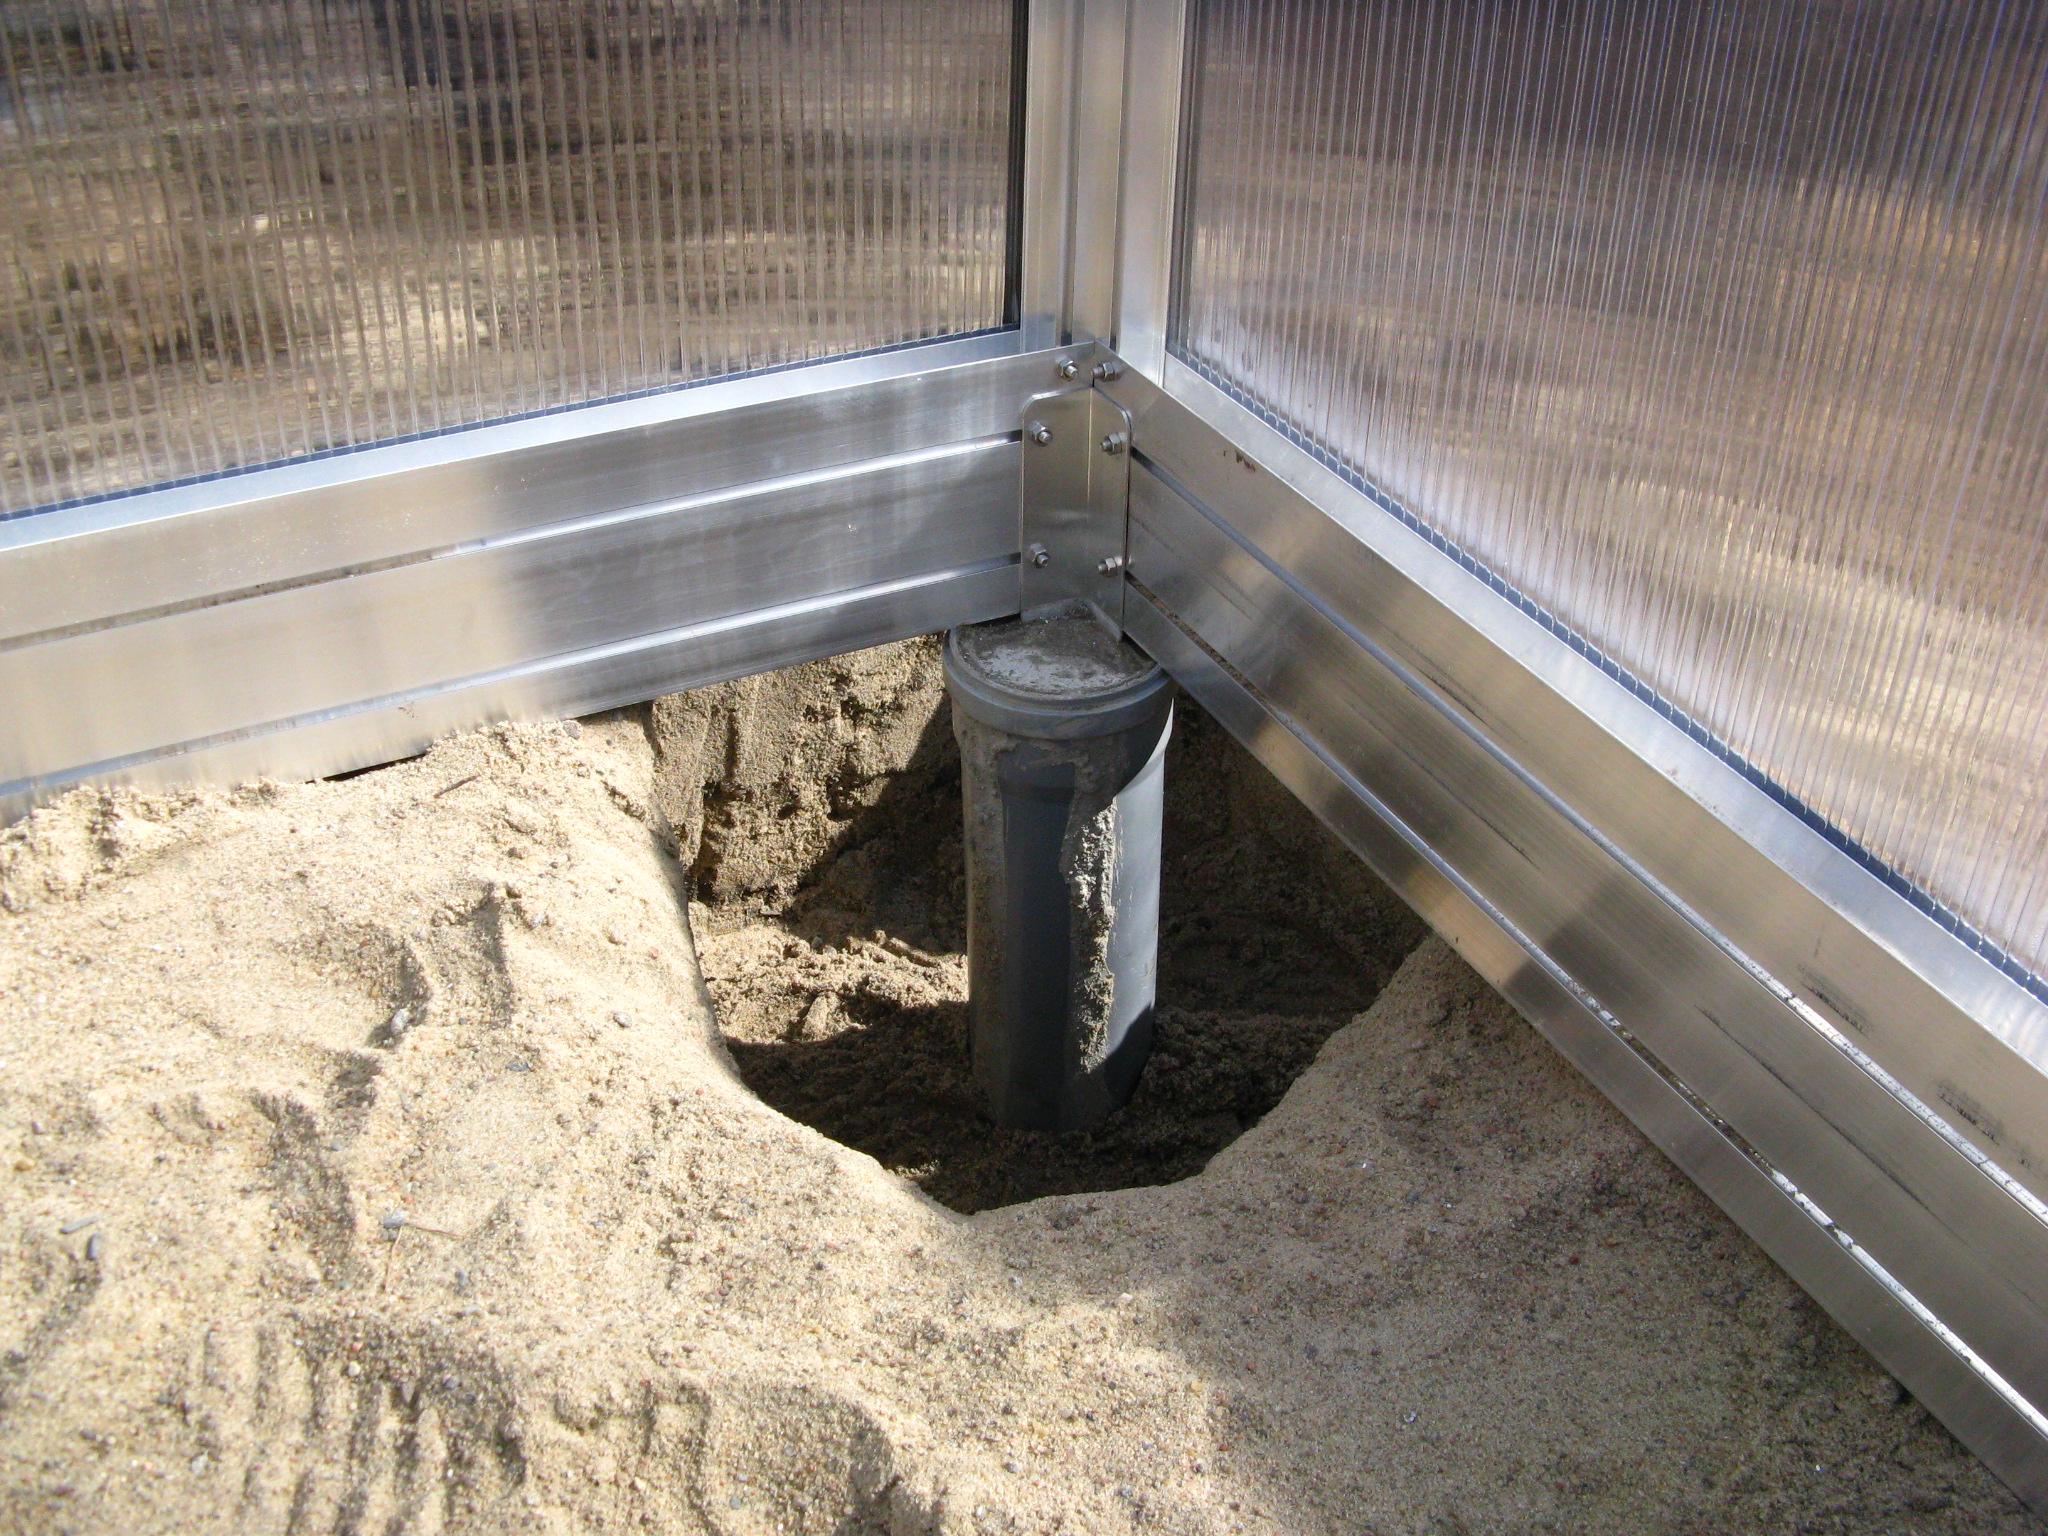 Kasvuhoone postvundamendi nurgapost on lahti kaevatud, et ilusti pildile saada